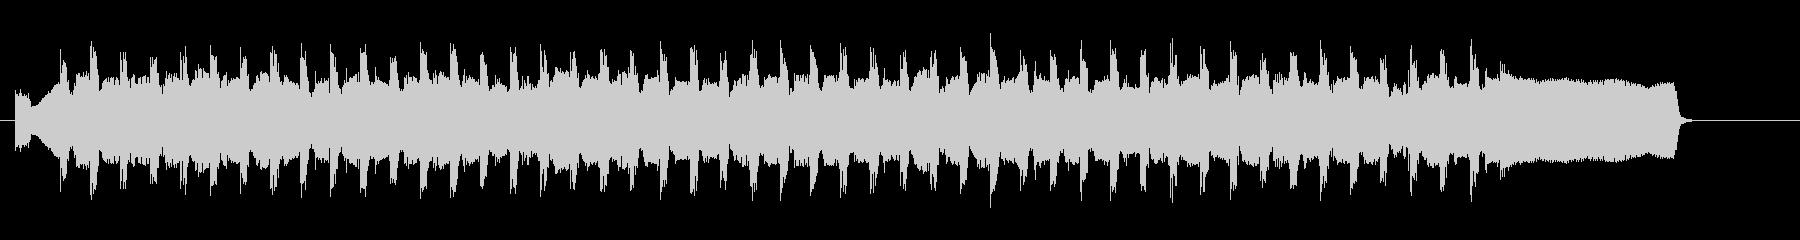 穏やかなコーポレート 30秒版の未再生の波形